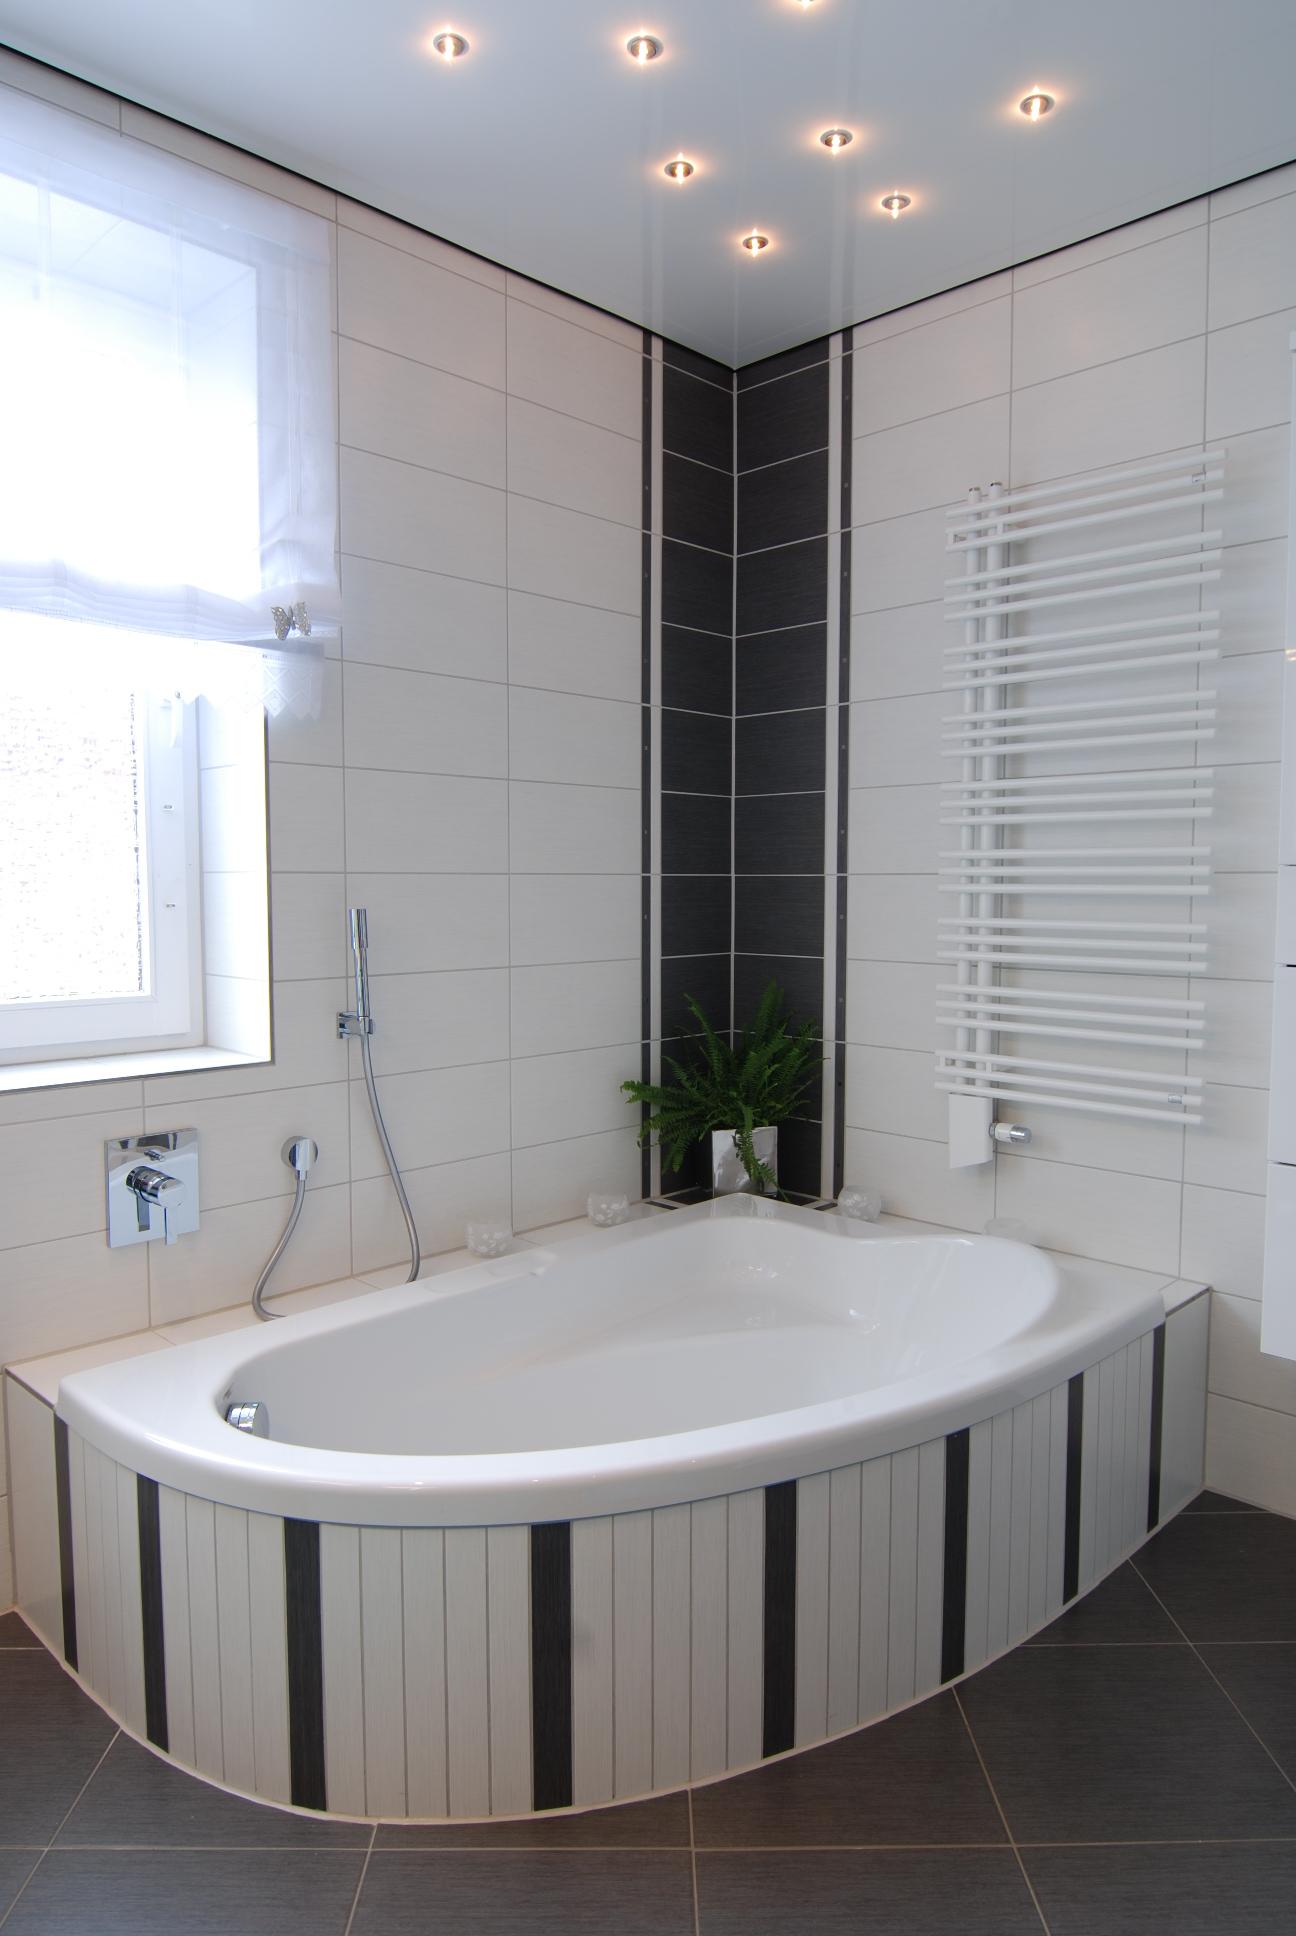 20.20€ für das neue Bad. Preisbeispiele für große und kleine Bäder